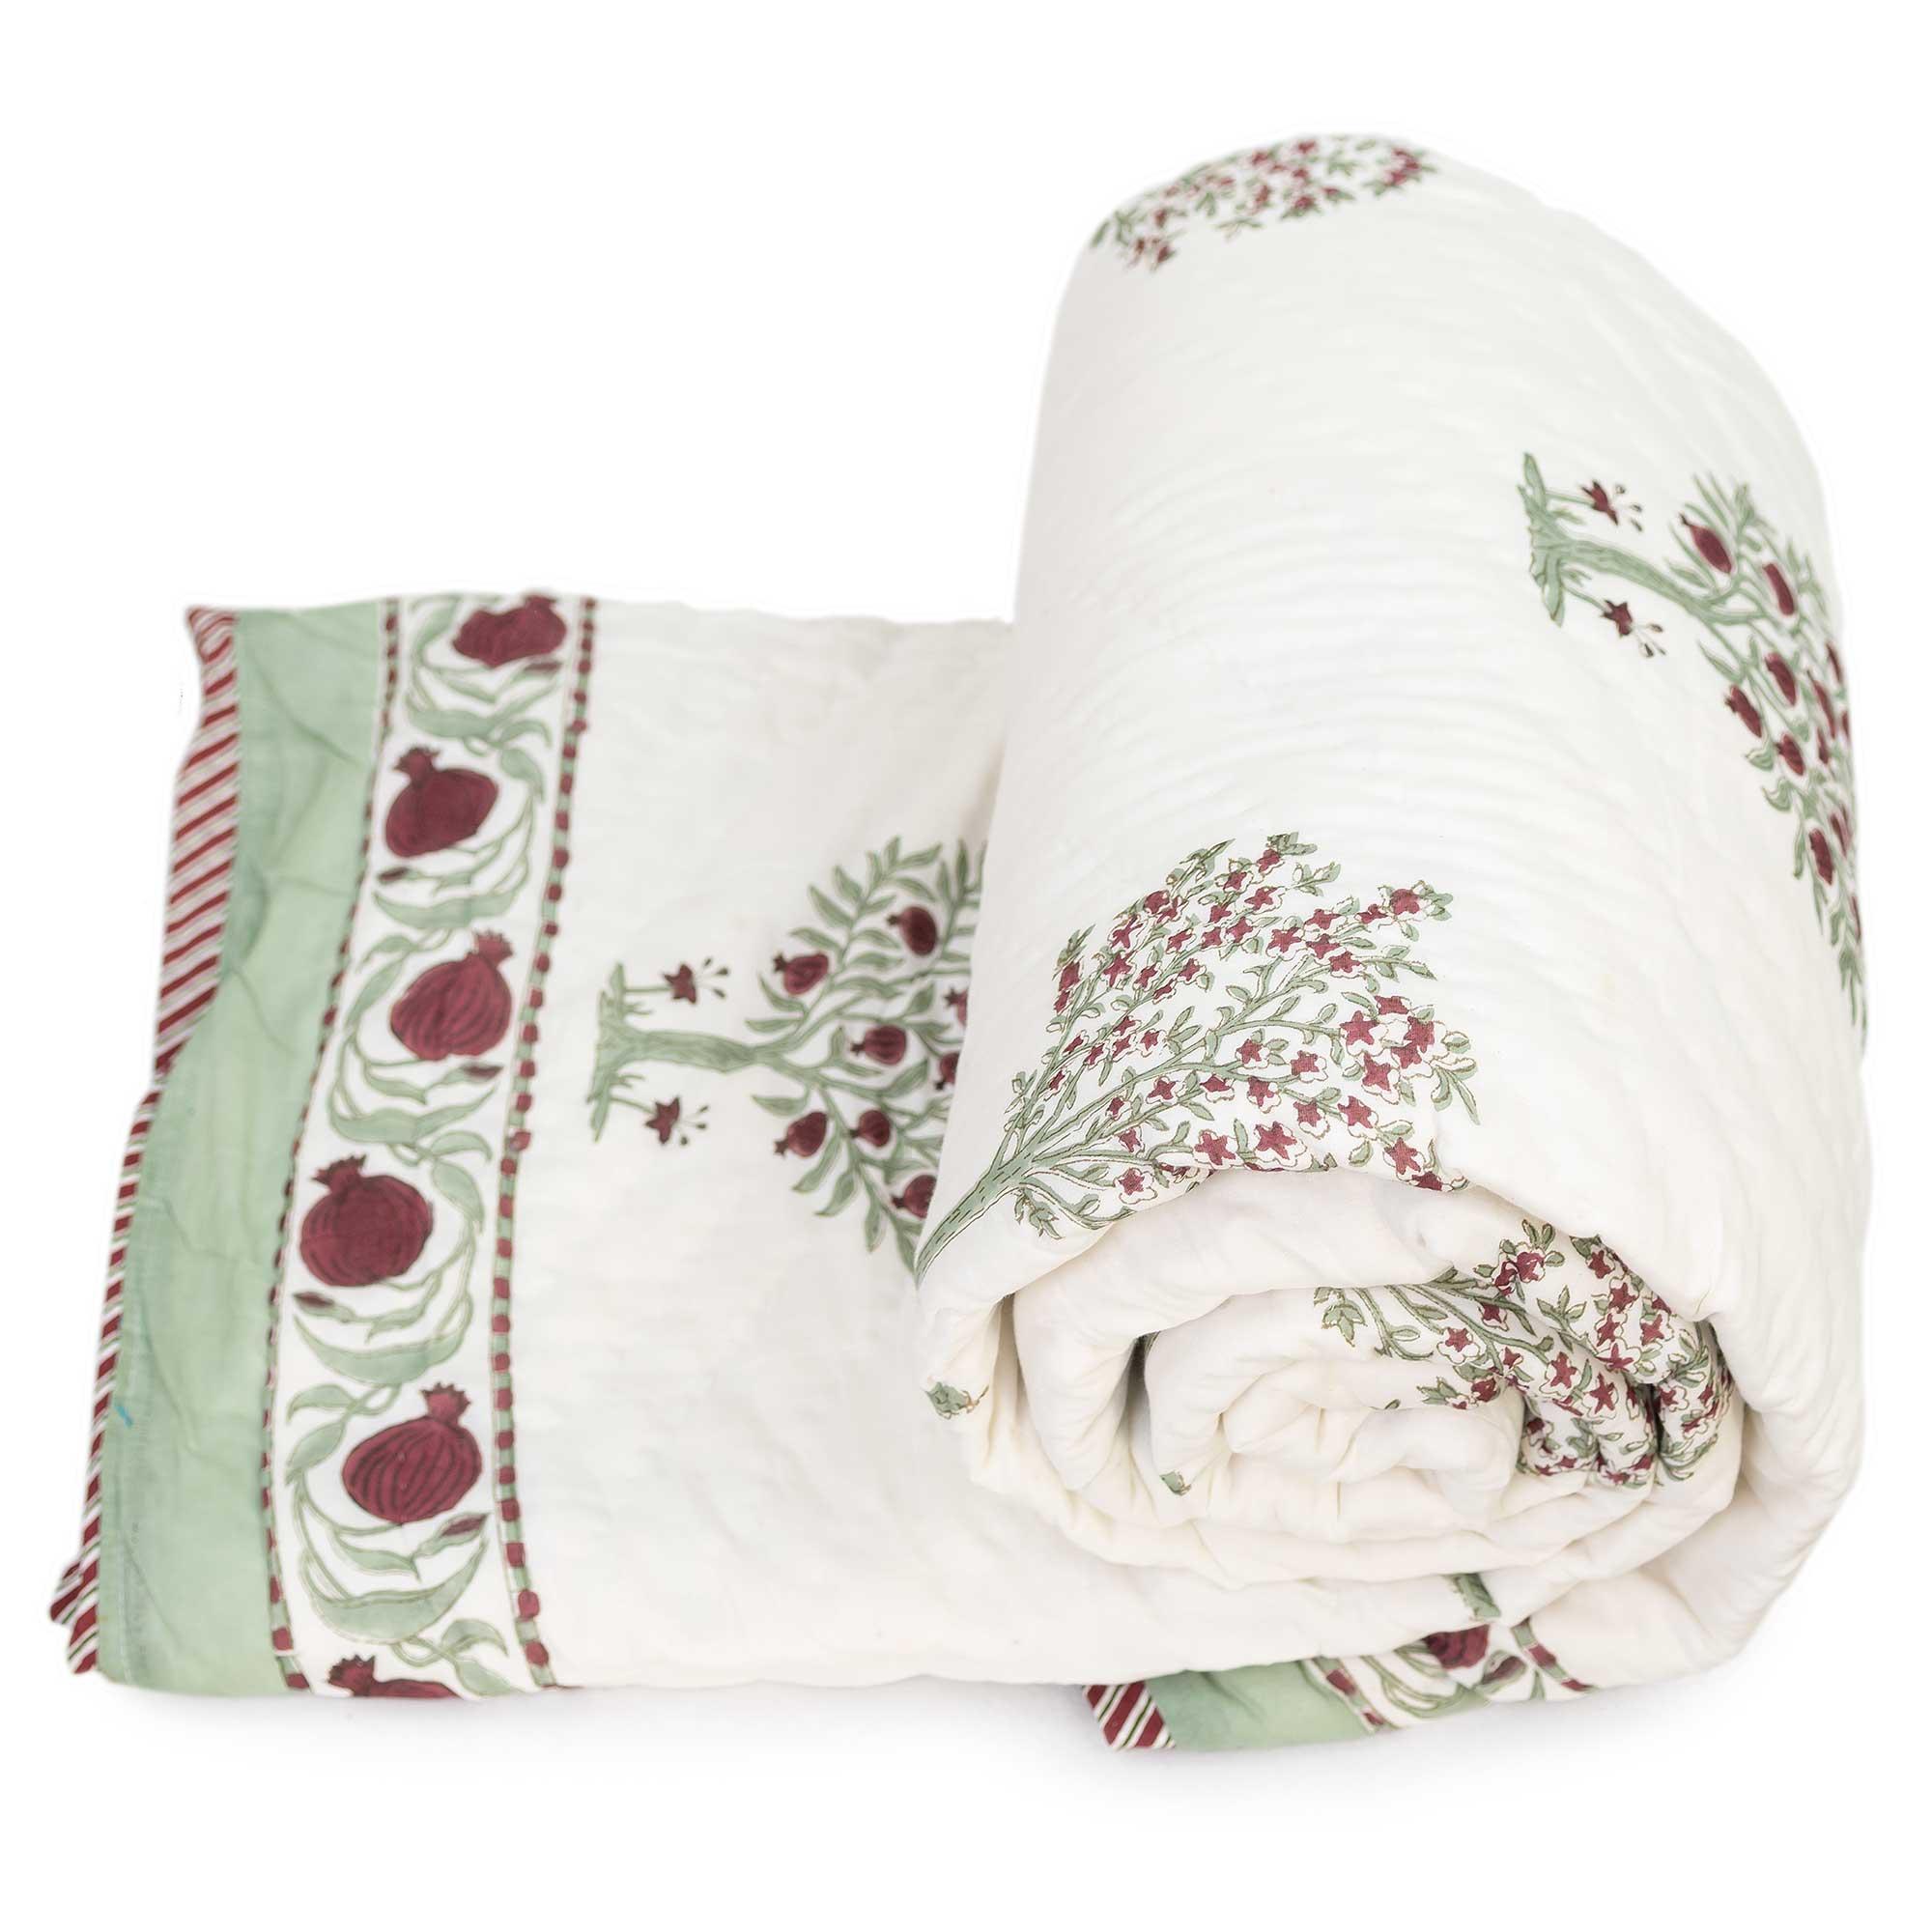 Tara-Textile Tara-Textile - indische Decke - Leichte Decke Anar- indische Decke - Leichte Decke Saira